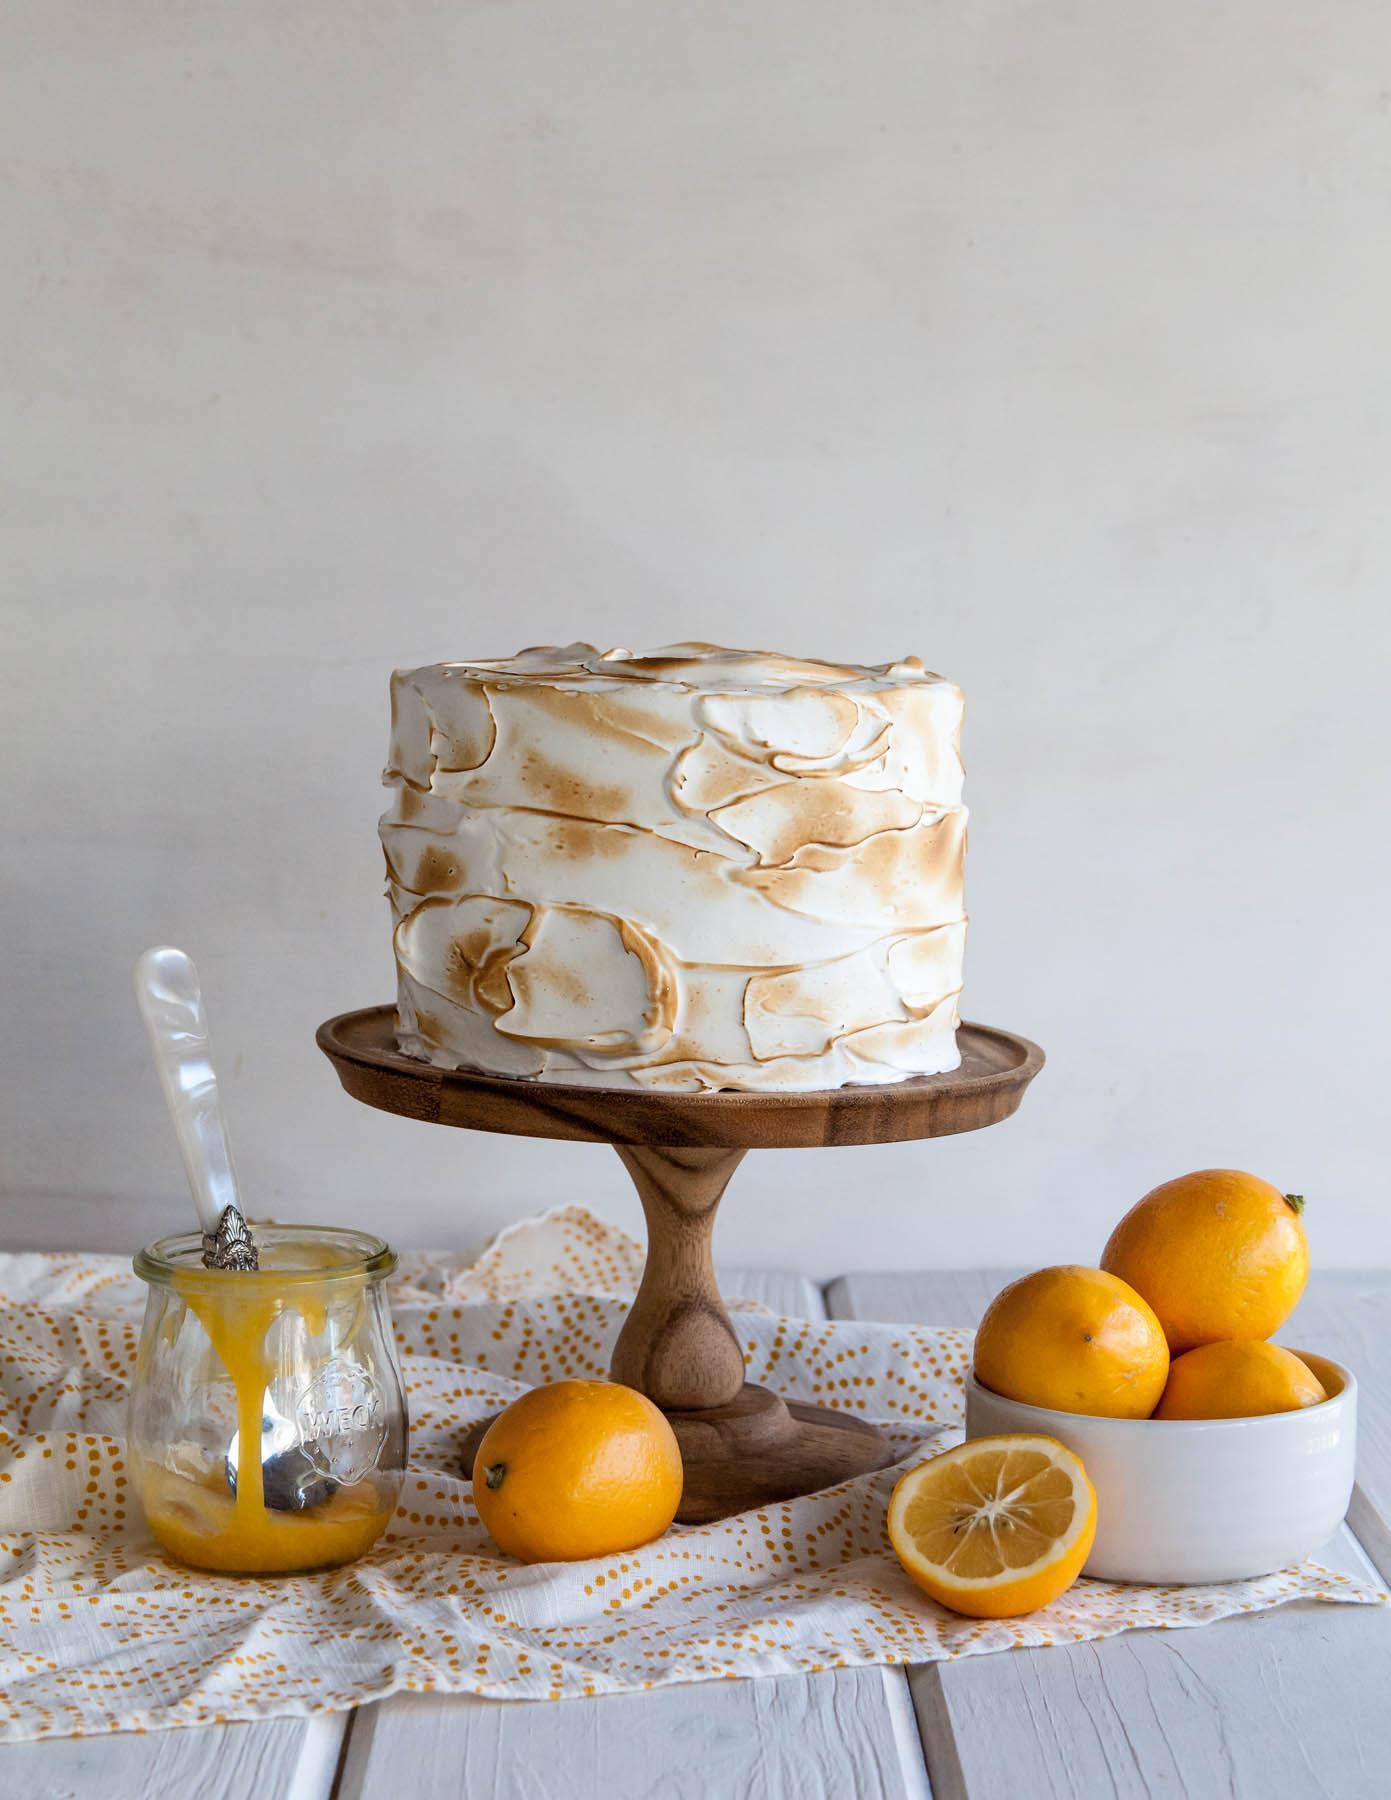 LemonMeringue1